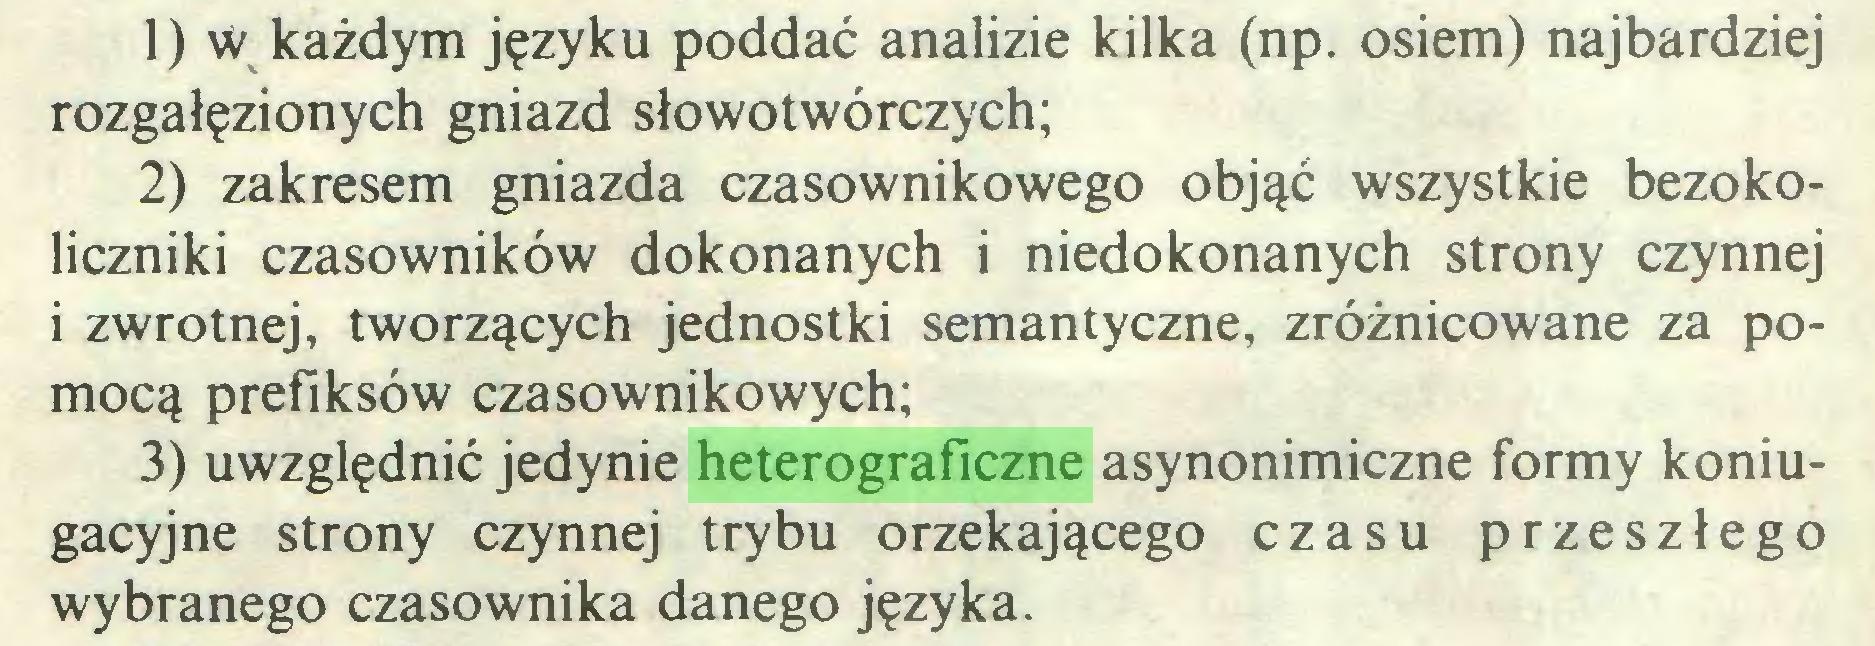 (...) 1) w każdym języku poddać analizie kilka (np. osiem) najbardziej rozgałęzionych gniazd słowotwórczych; 2) zakresem gniazda czasownikowego objąć wszystkie bezokoliczniki czasowników dokonanych i niedokonanych strony czynnej i zwrotnej, tworzących jednostki semantyczne, zróżnicowane za pomocą prefiksów czasownikowych; 3) uwzględnić jedynie heterograficzne asynonimiczne formy koniugacyjne strony czynnej trybu orzekającego czasu przeszłego wybranego czasownika danego języka...